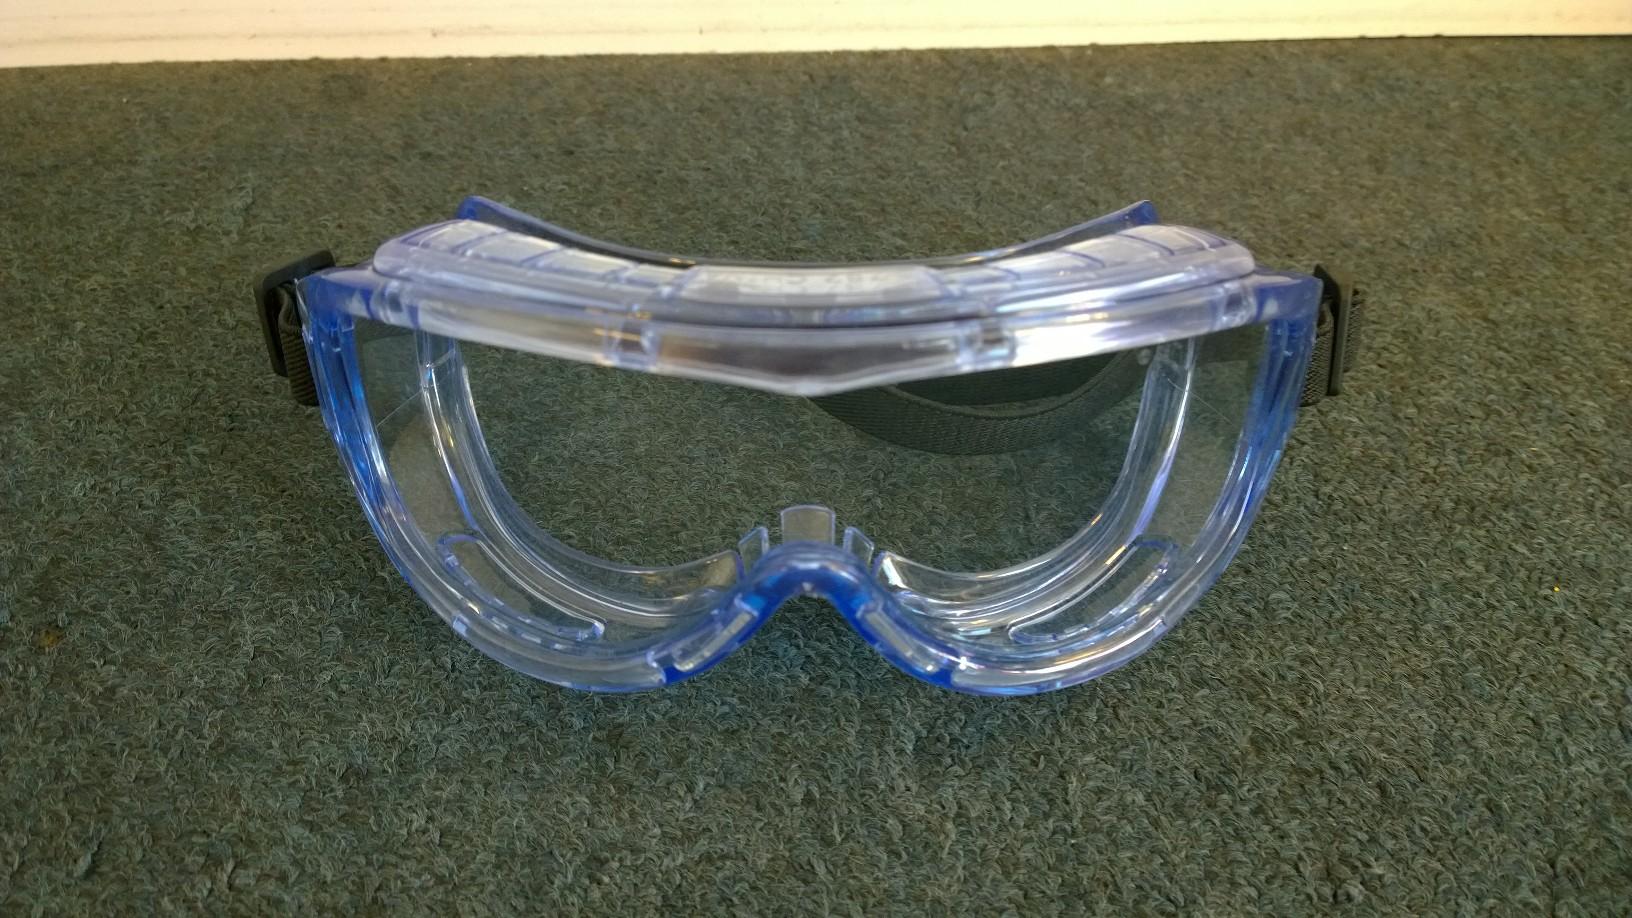 Goggles-Indirect Vent Clear Fogban Lens En166 D1349B